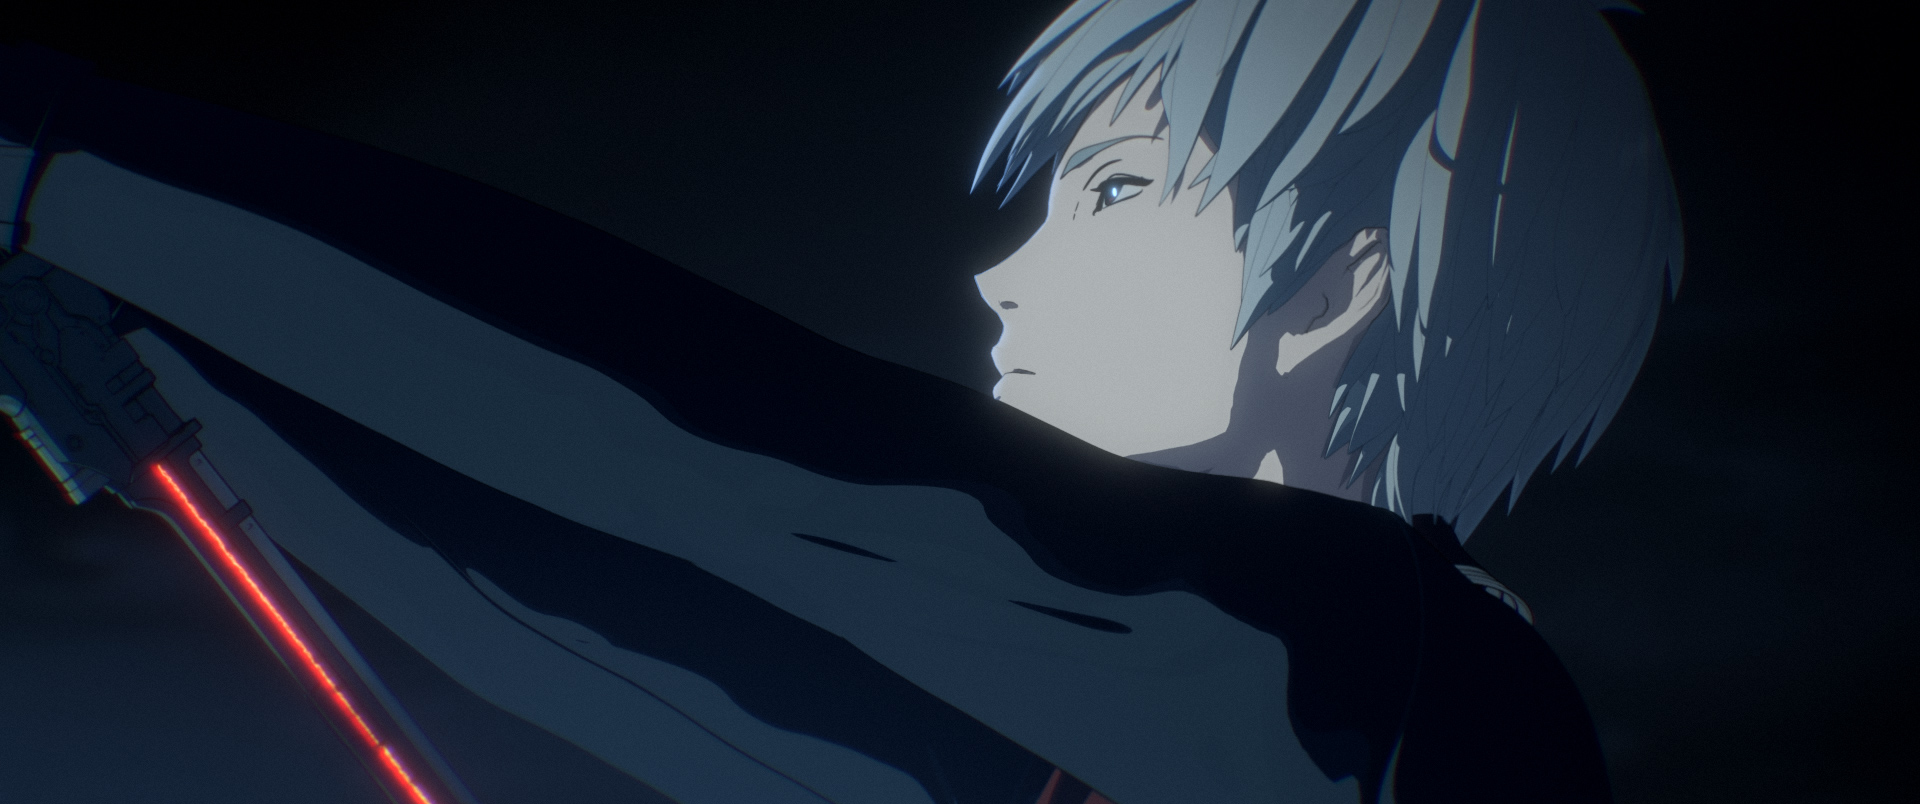 Эксклюзив: отрывок полнометражного аниме Human Lost 1